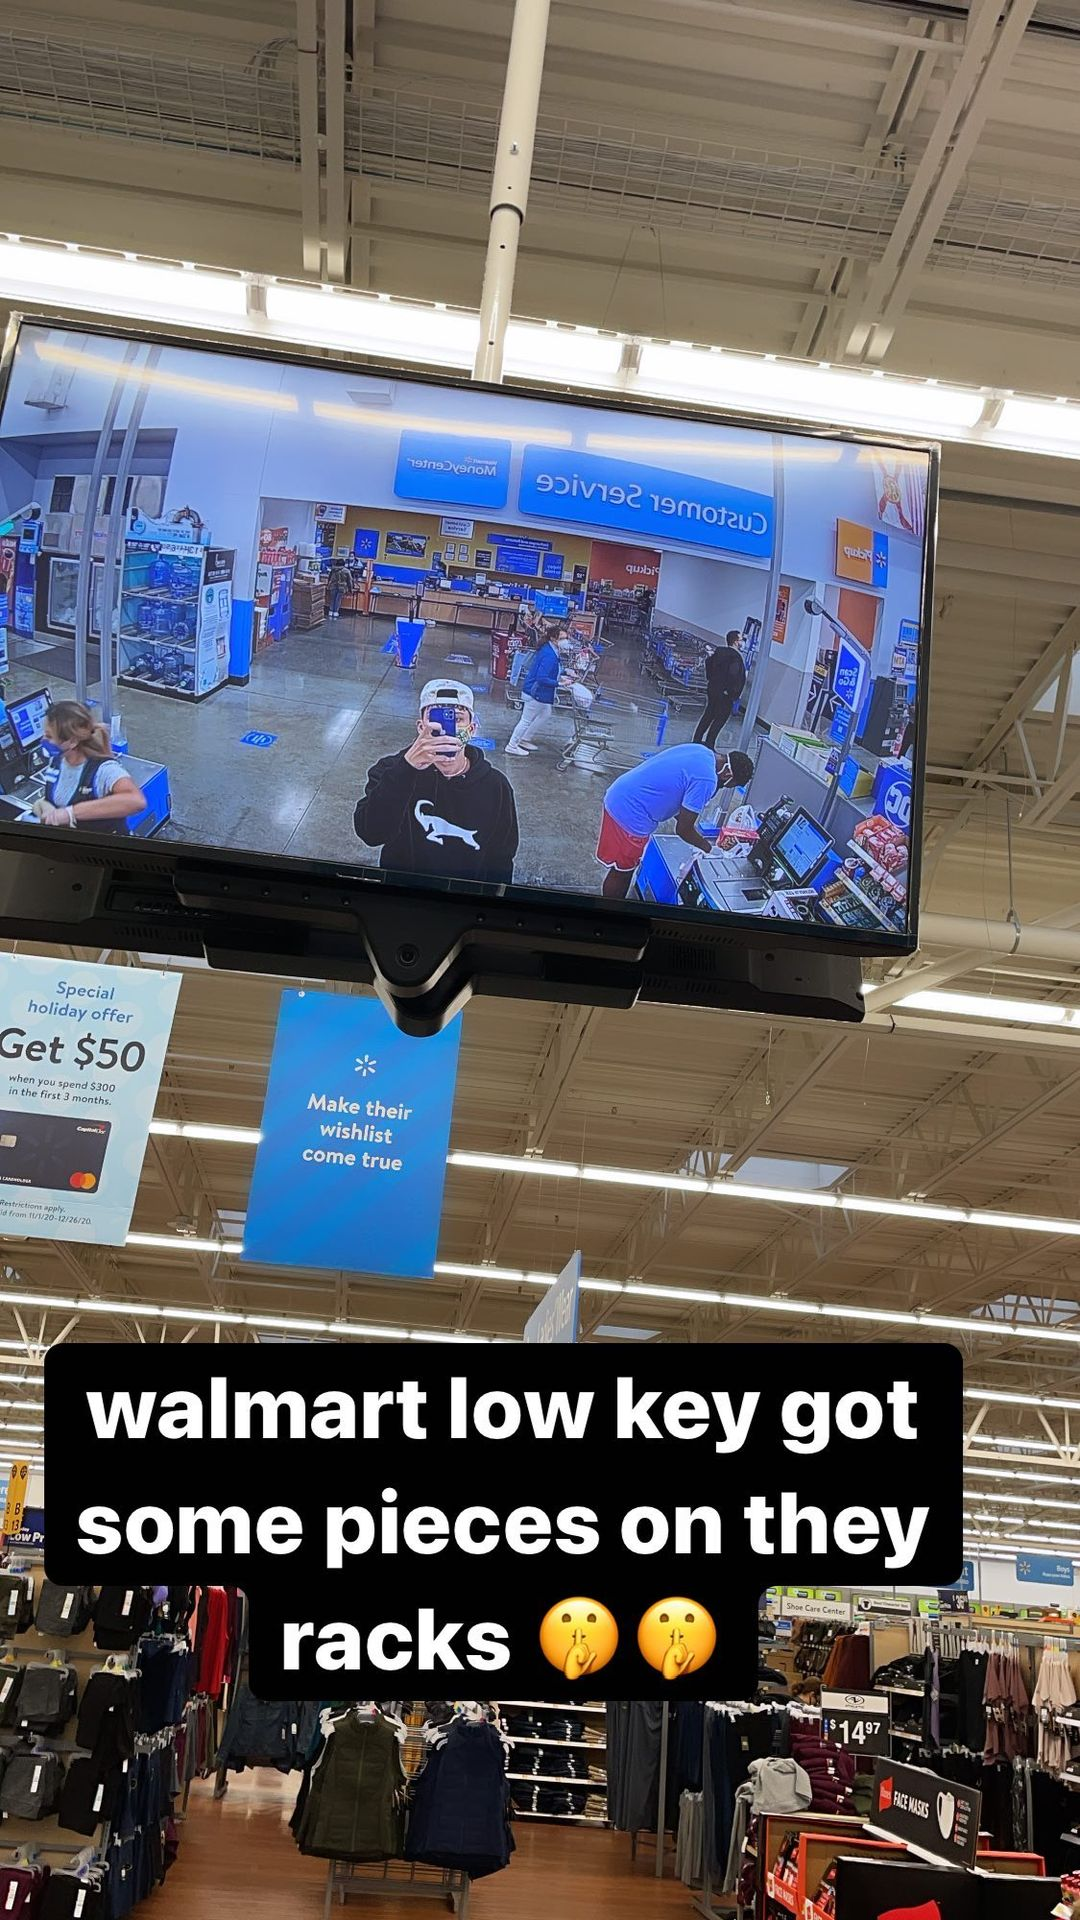 突发奇想?希罗对着沃尔玛超市的监控大屏幕自拍